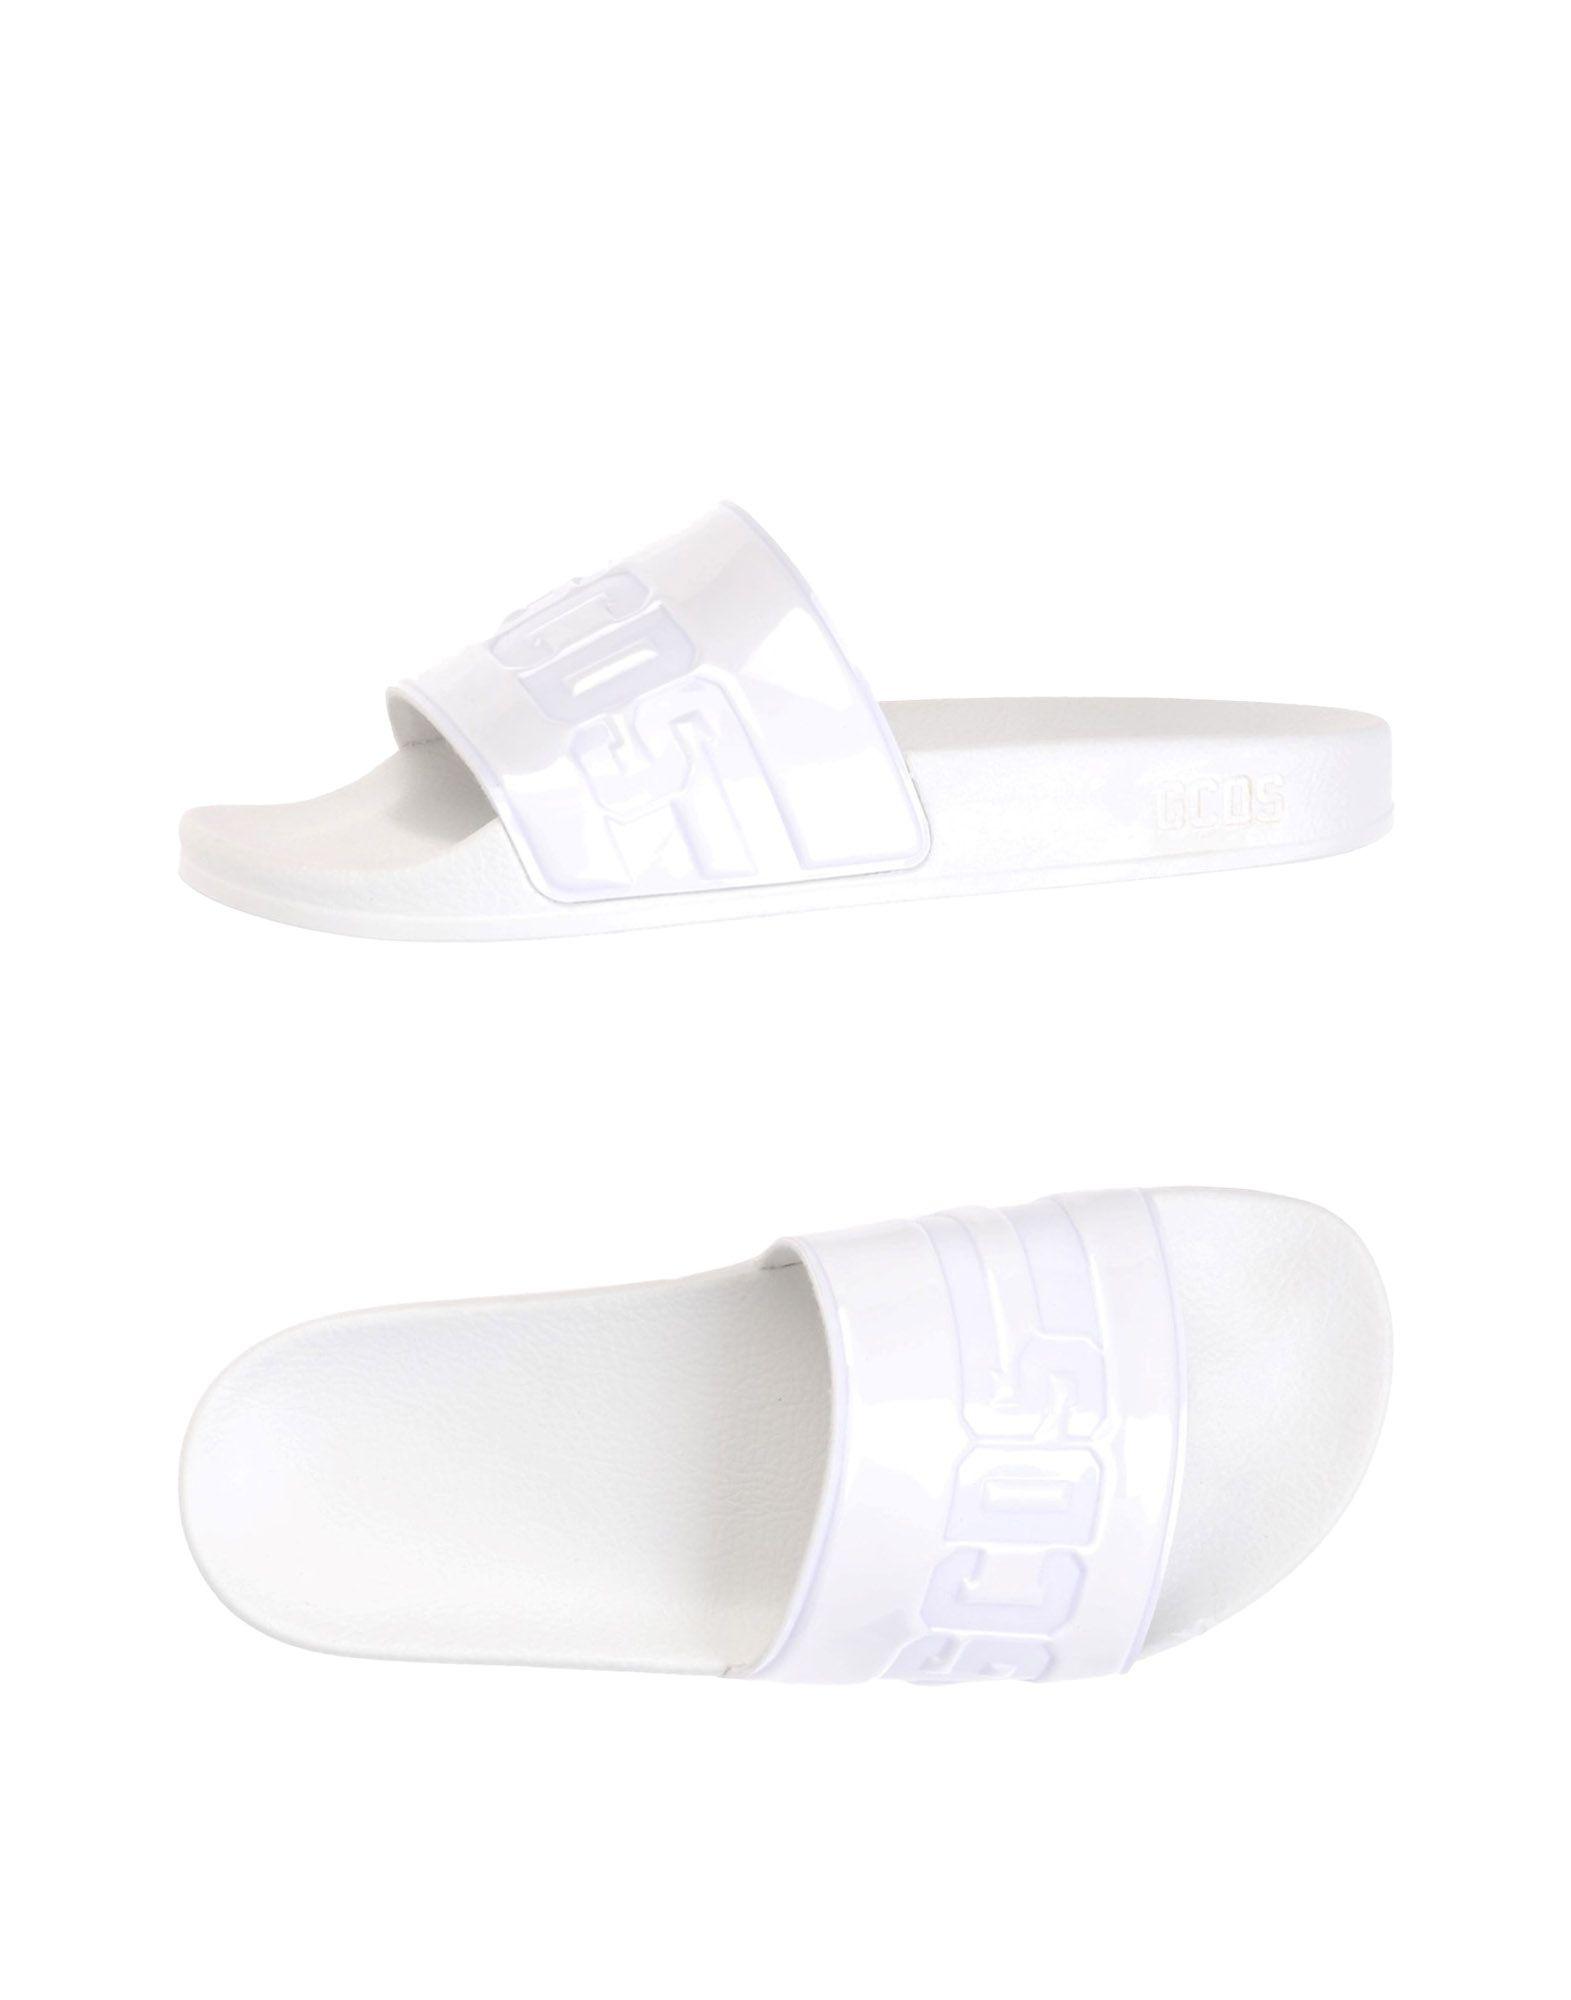 Sandali Gcds _Wh, Slides 01 White - Donna - Acquista online su